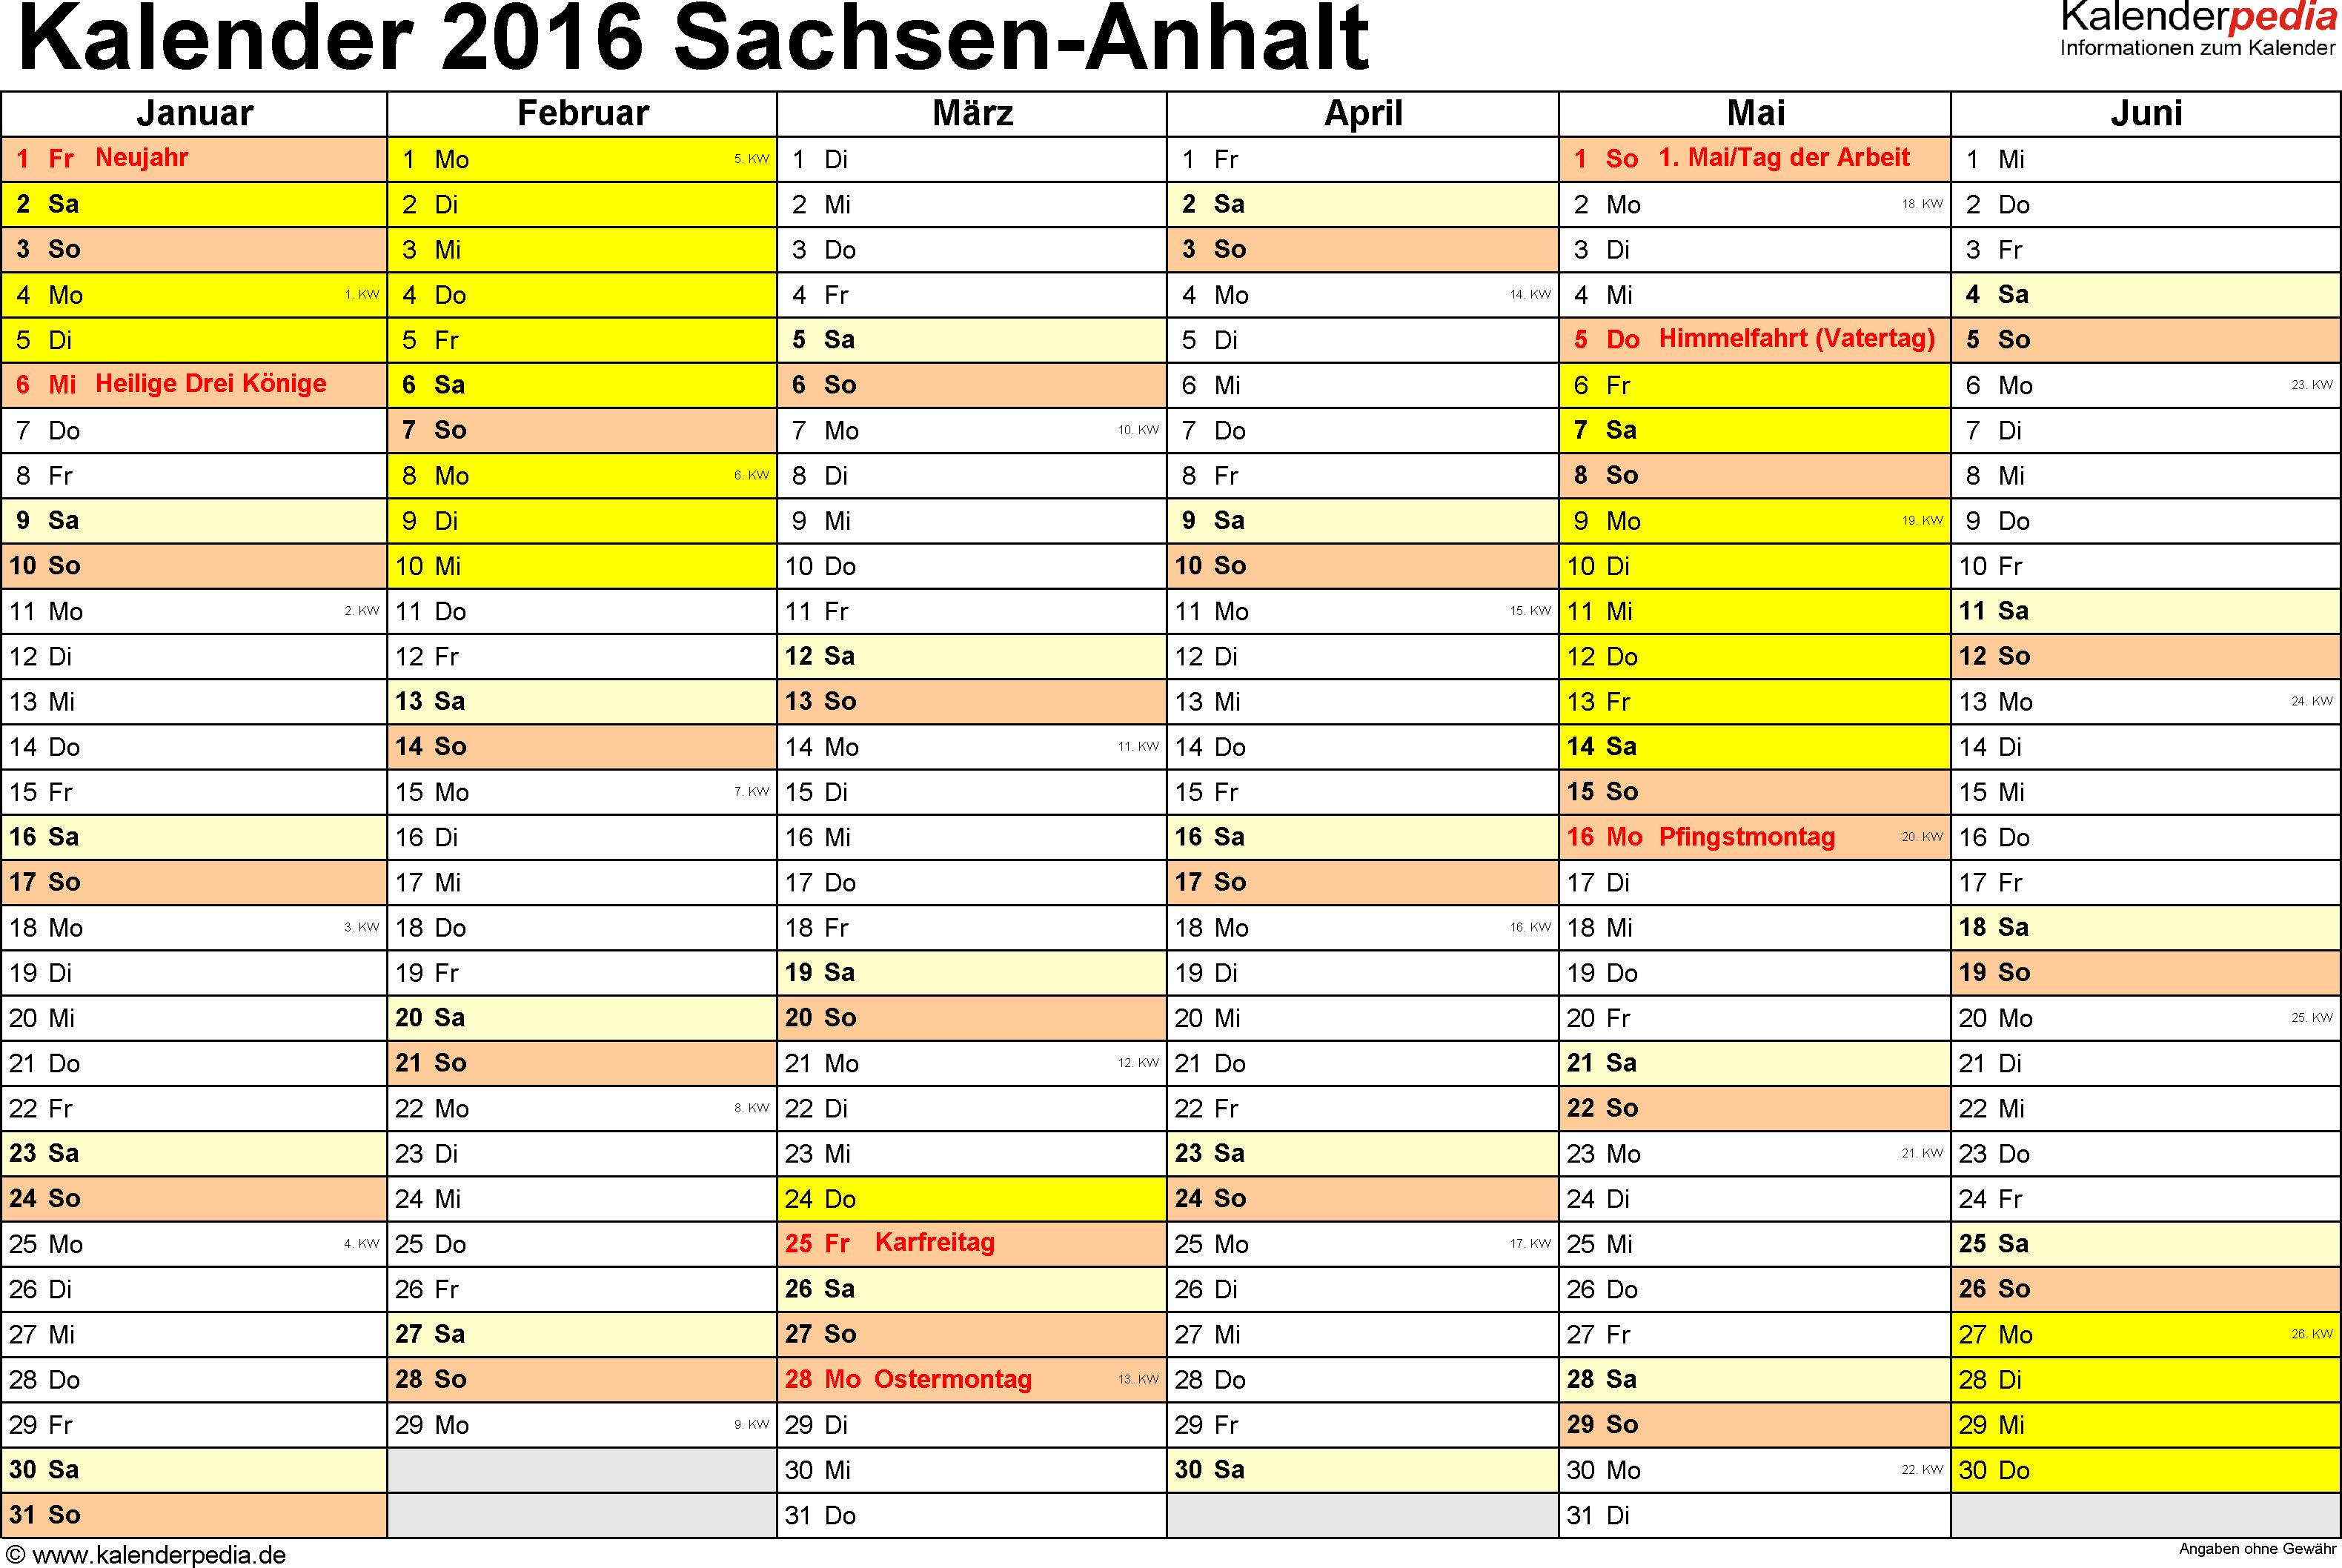 Vorlage 2: Kalender 2016 für Sachsen-Anhalt als Excel-Vorlage (Querformat, 2 Seiten)